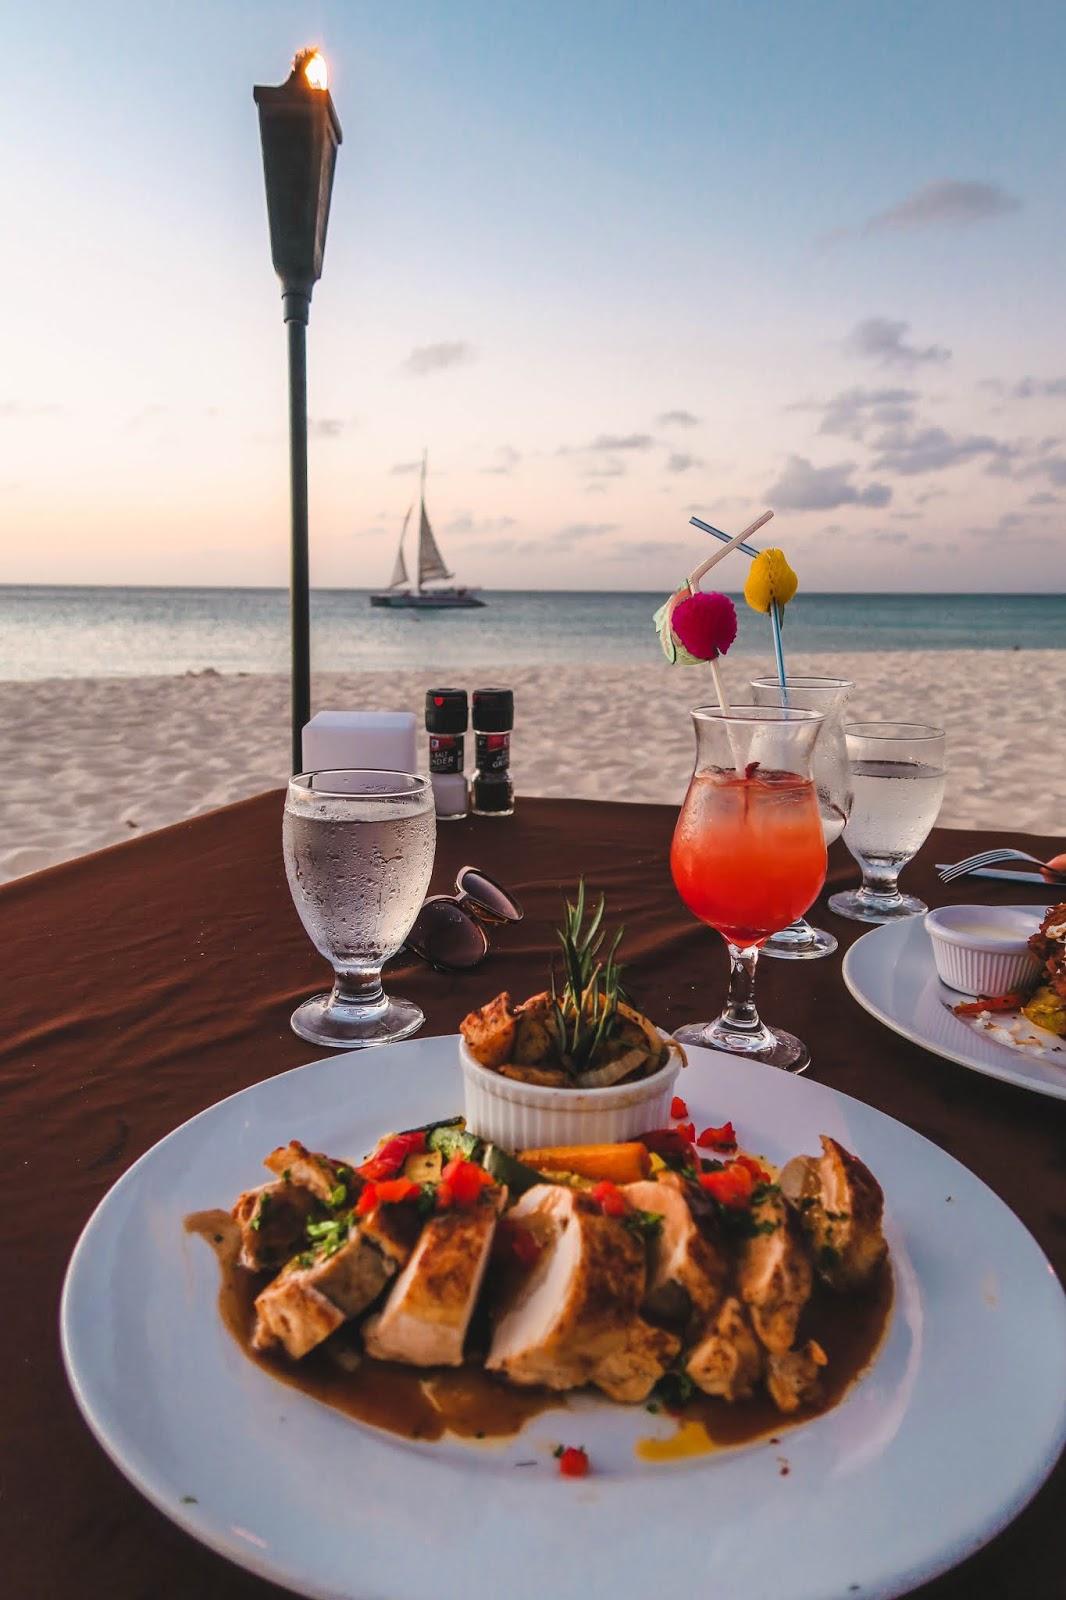 Dinner on the beach Aruba